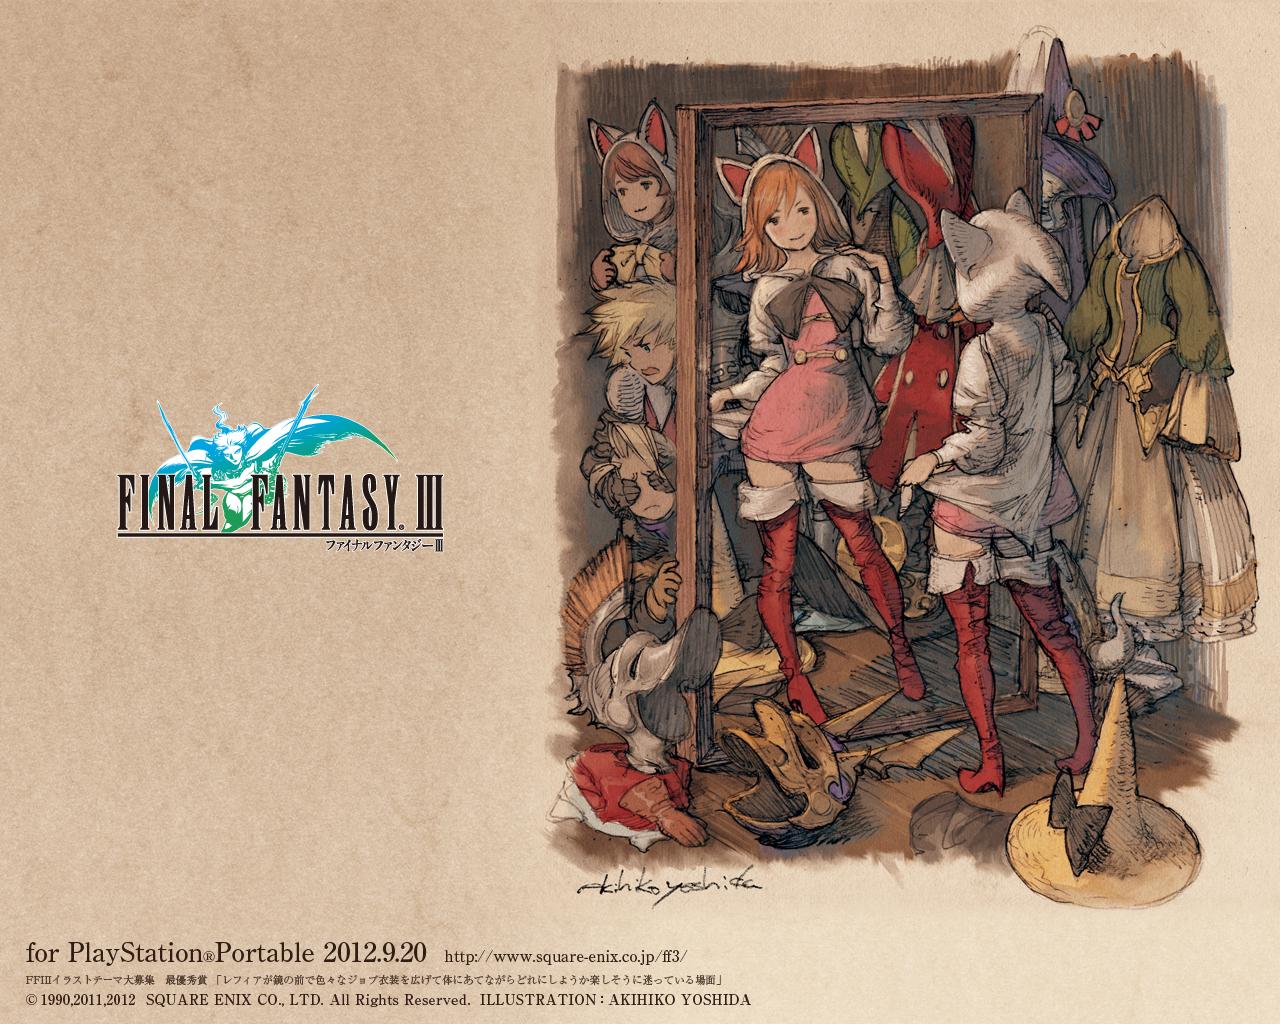 psp最终幻想3 psp最终幻想7降临之子 最终幻想壁纸 2